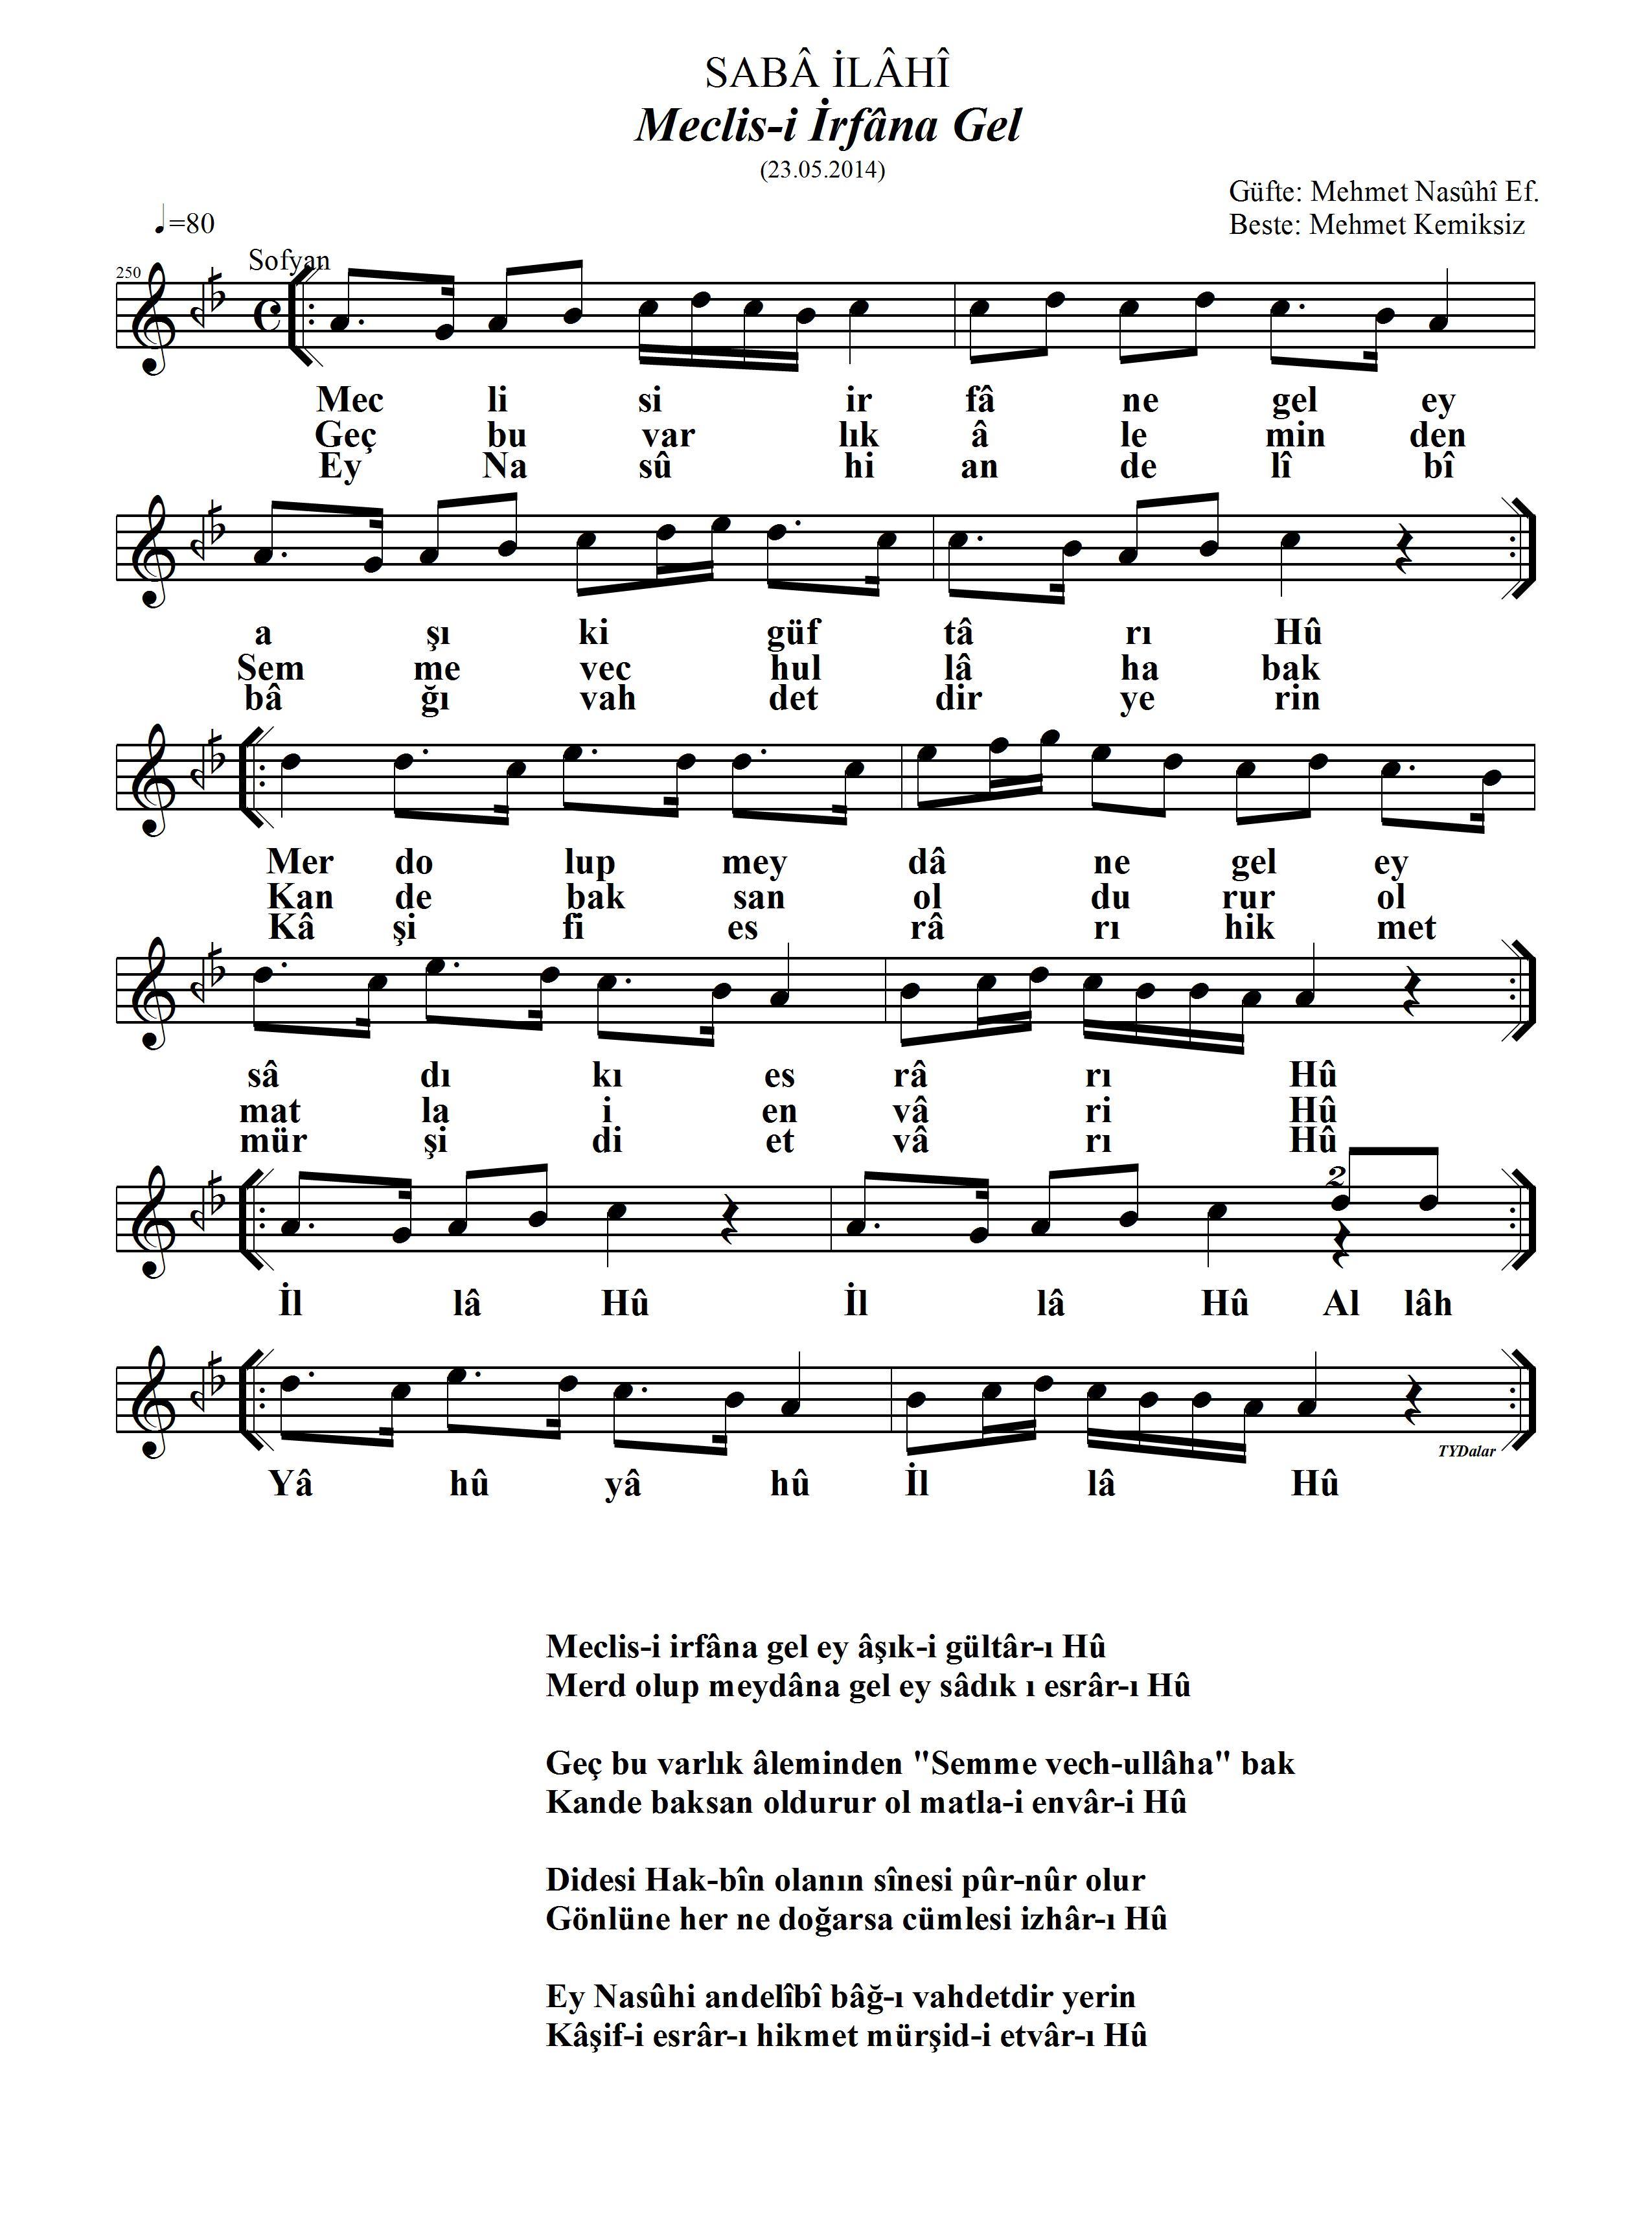 250-Saba-MeclisiIsfana